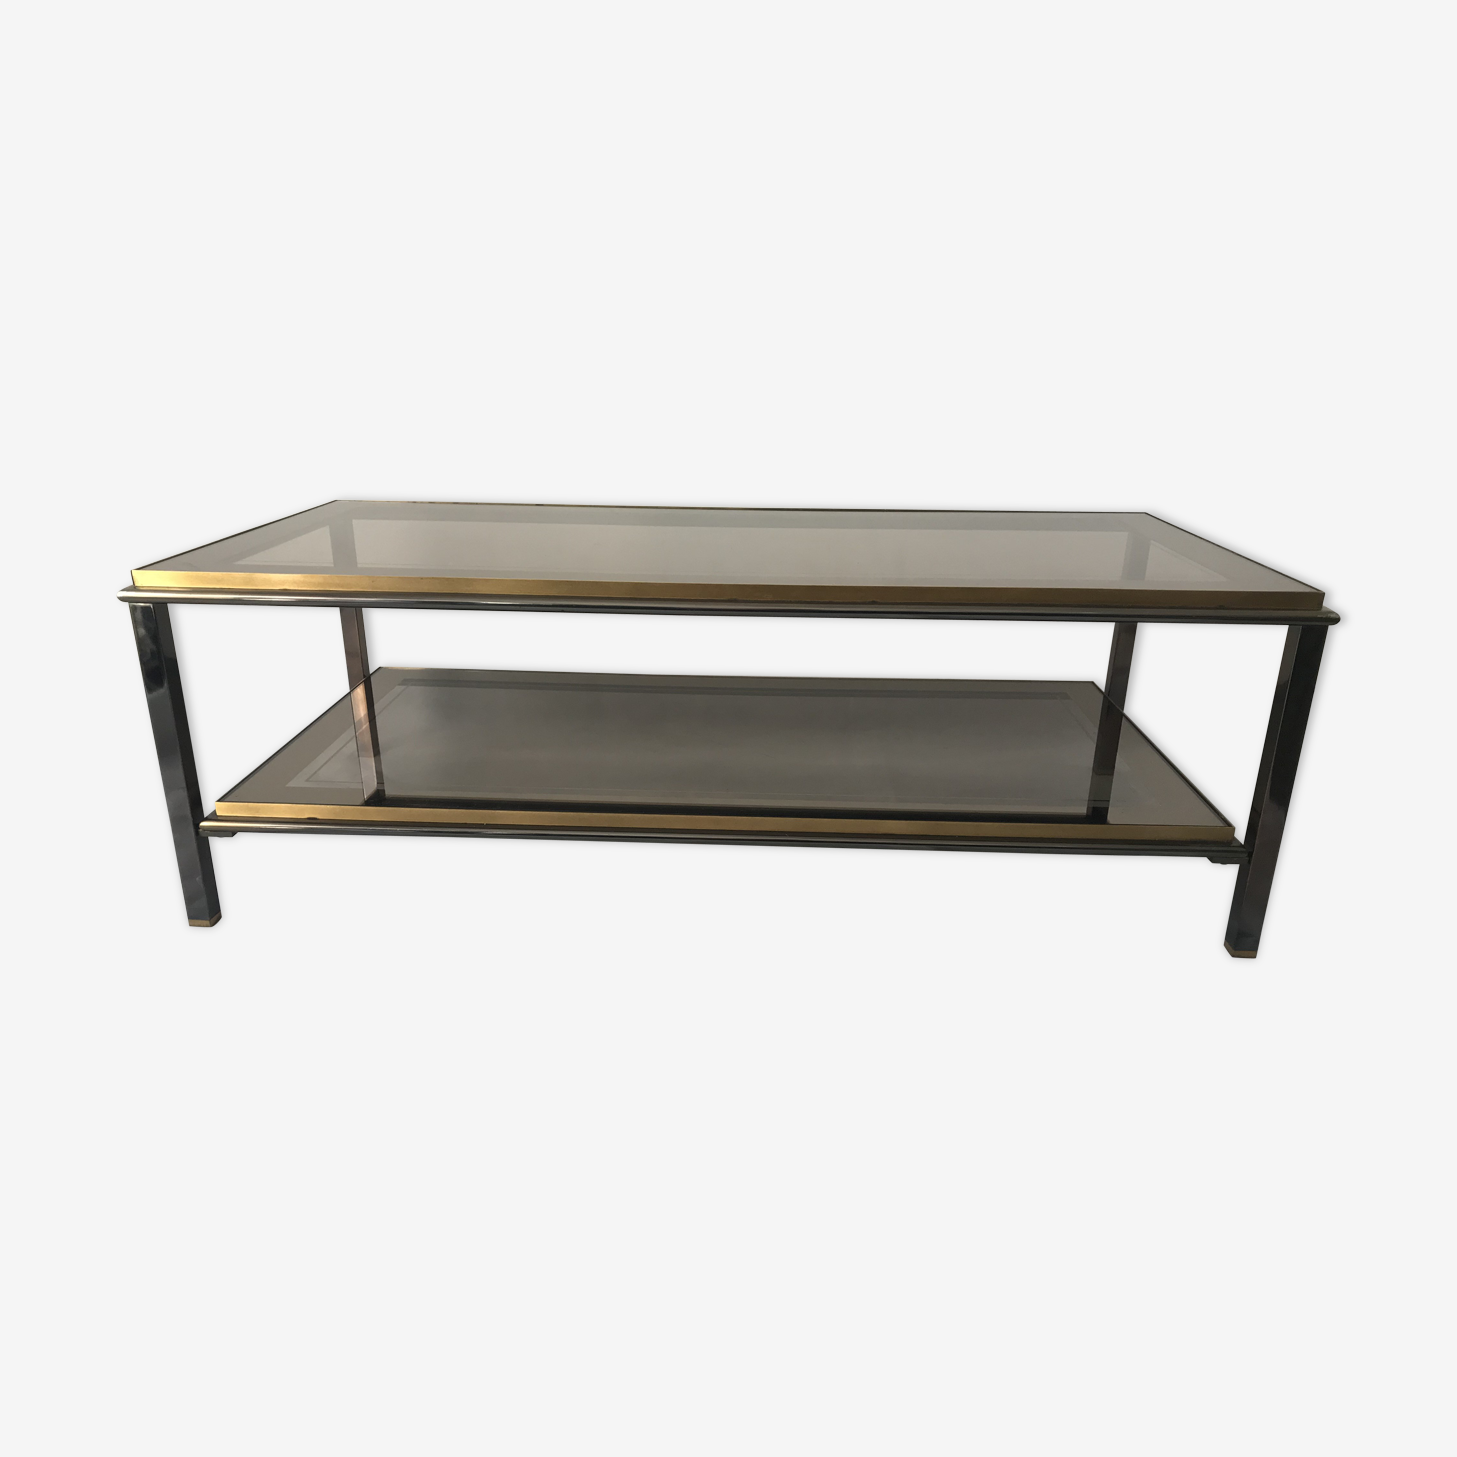 Table basse double étage verre 1970/1980